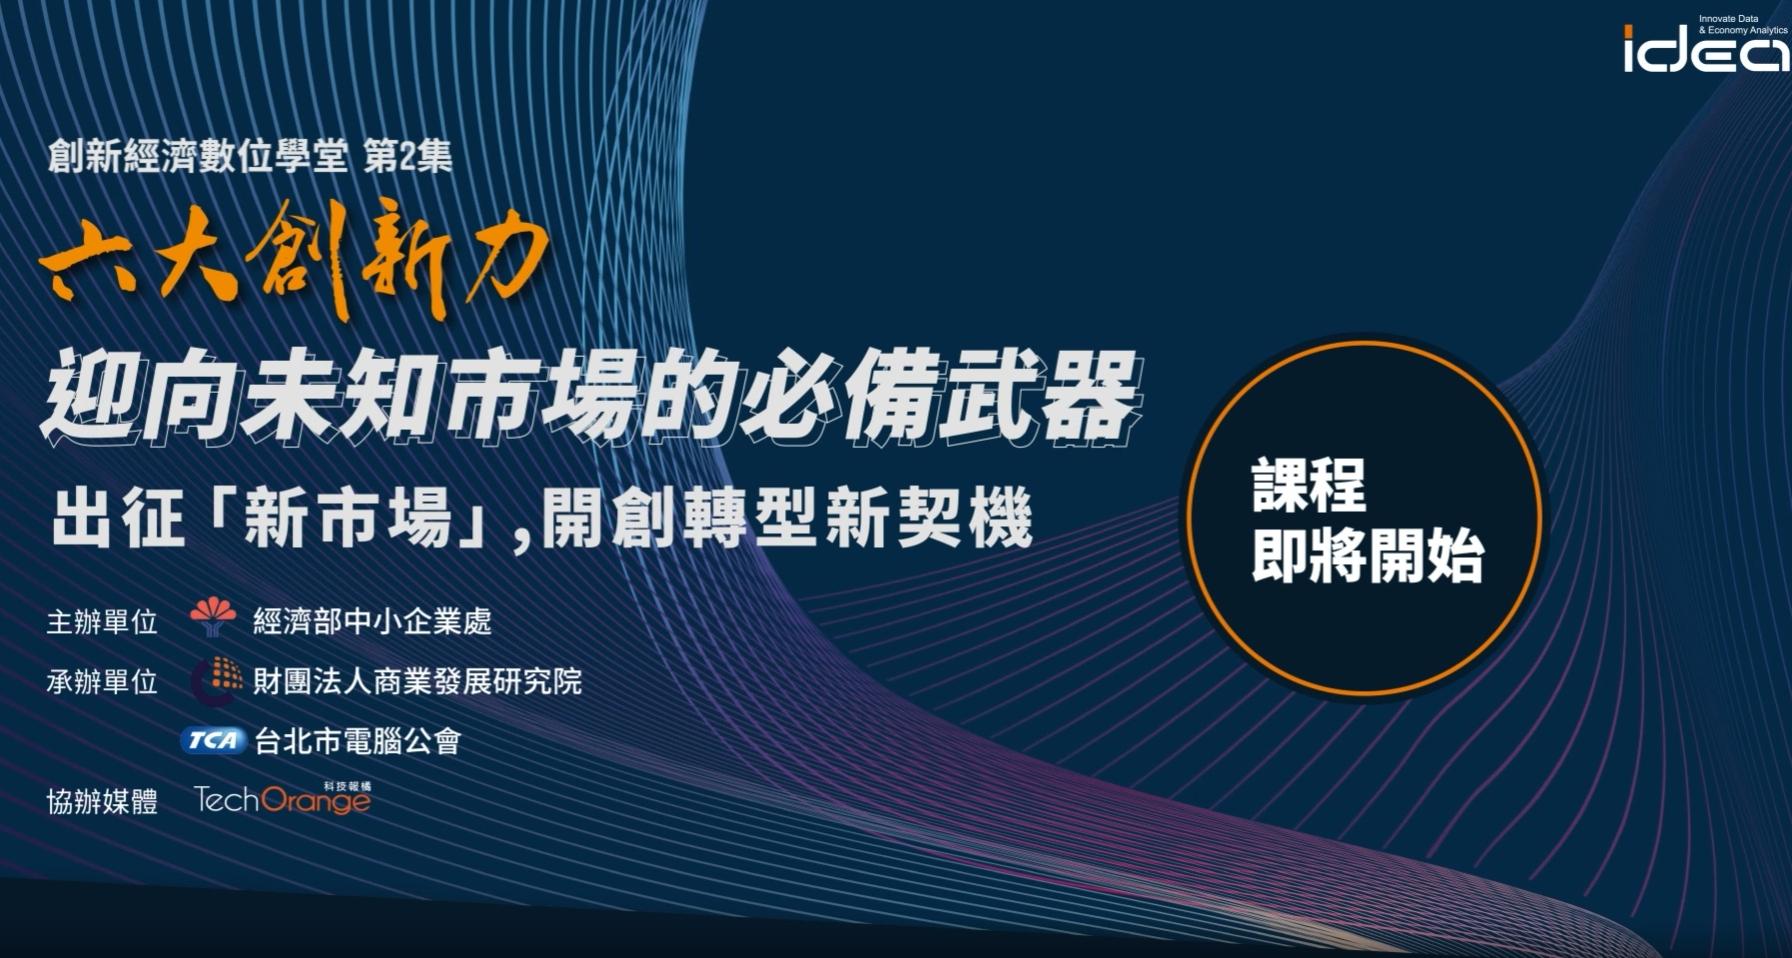 2020臺灣中小企業數位轉型範論壇